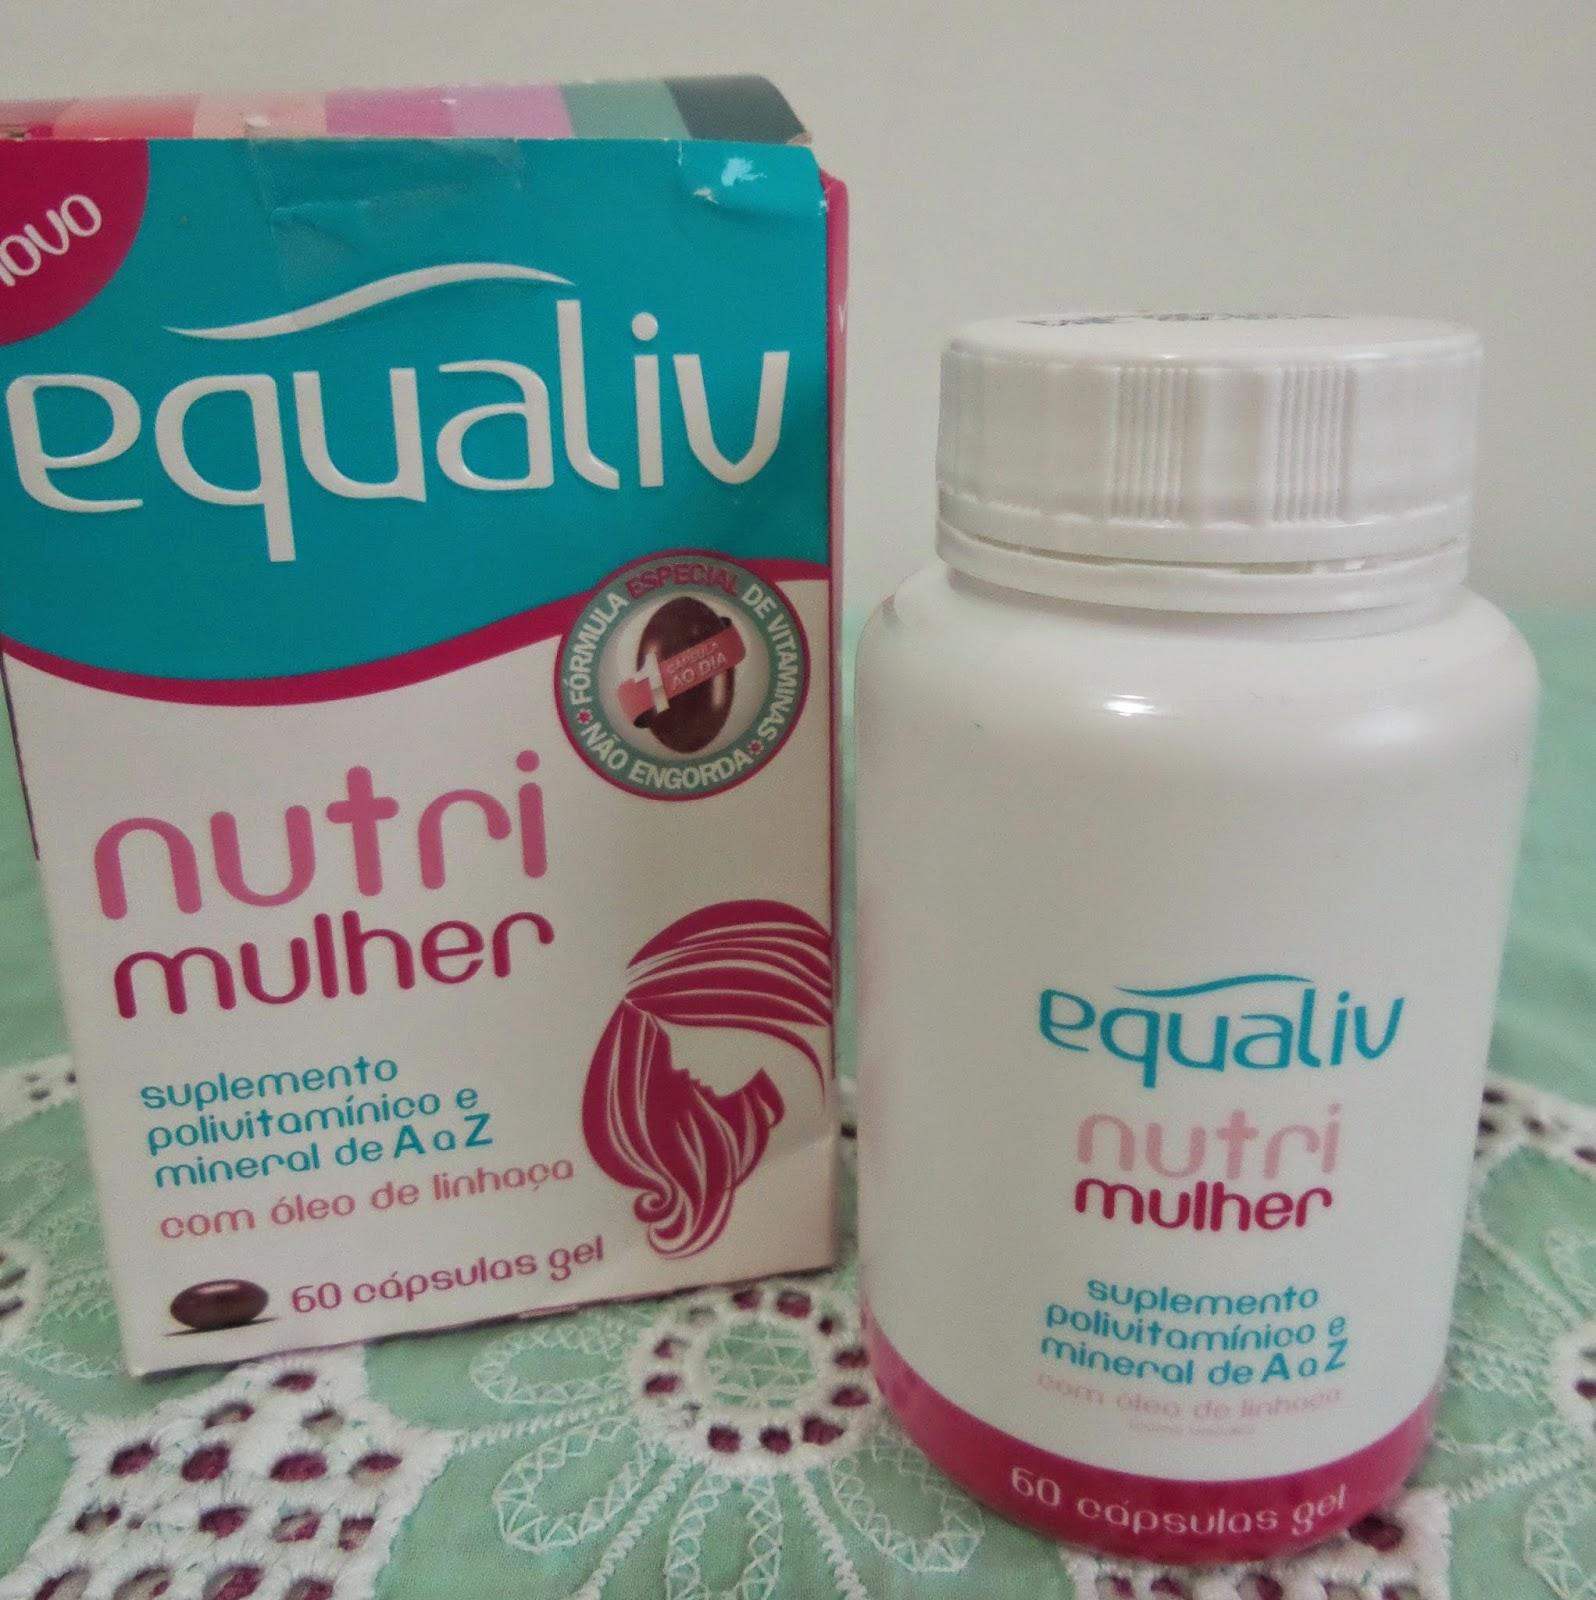 Equaliv  Nutri Mulher é um suplemento polivitamínico e mineral de A a Z